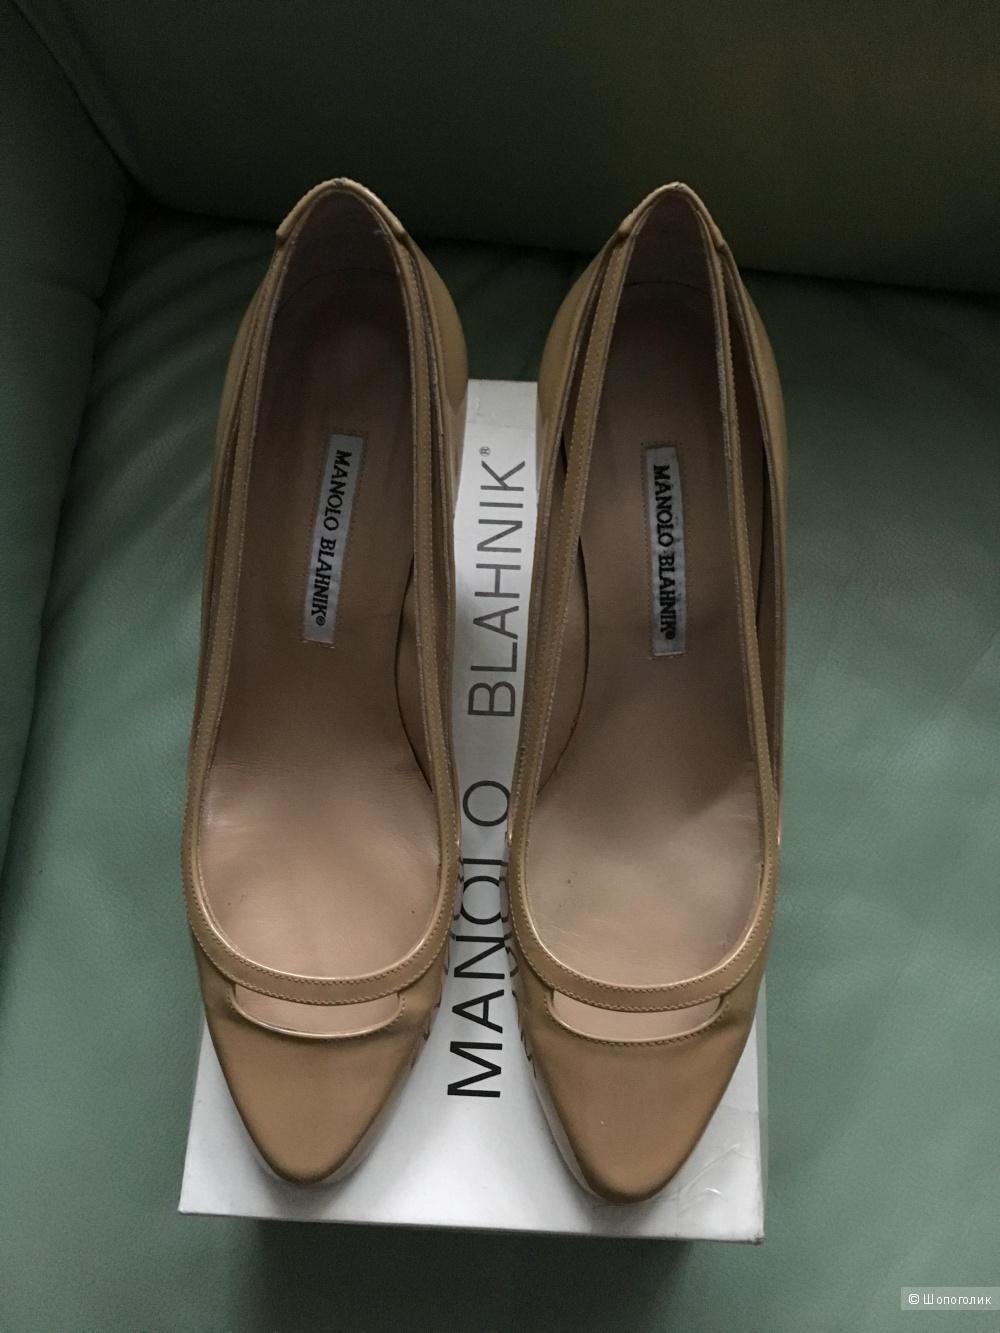 Пристраиваю новые туфли Manolo Blahnik 40 размера